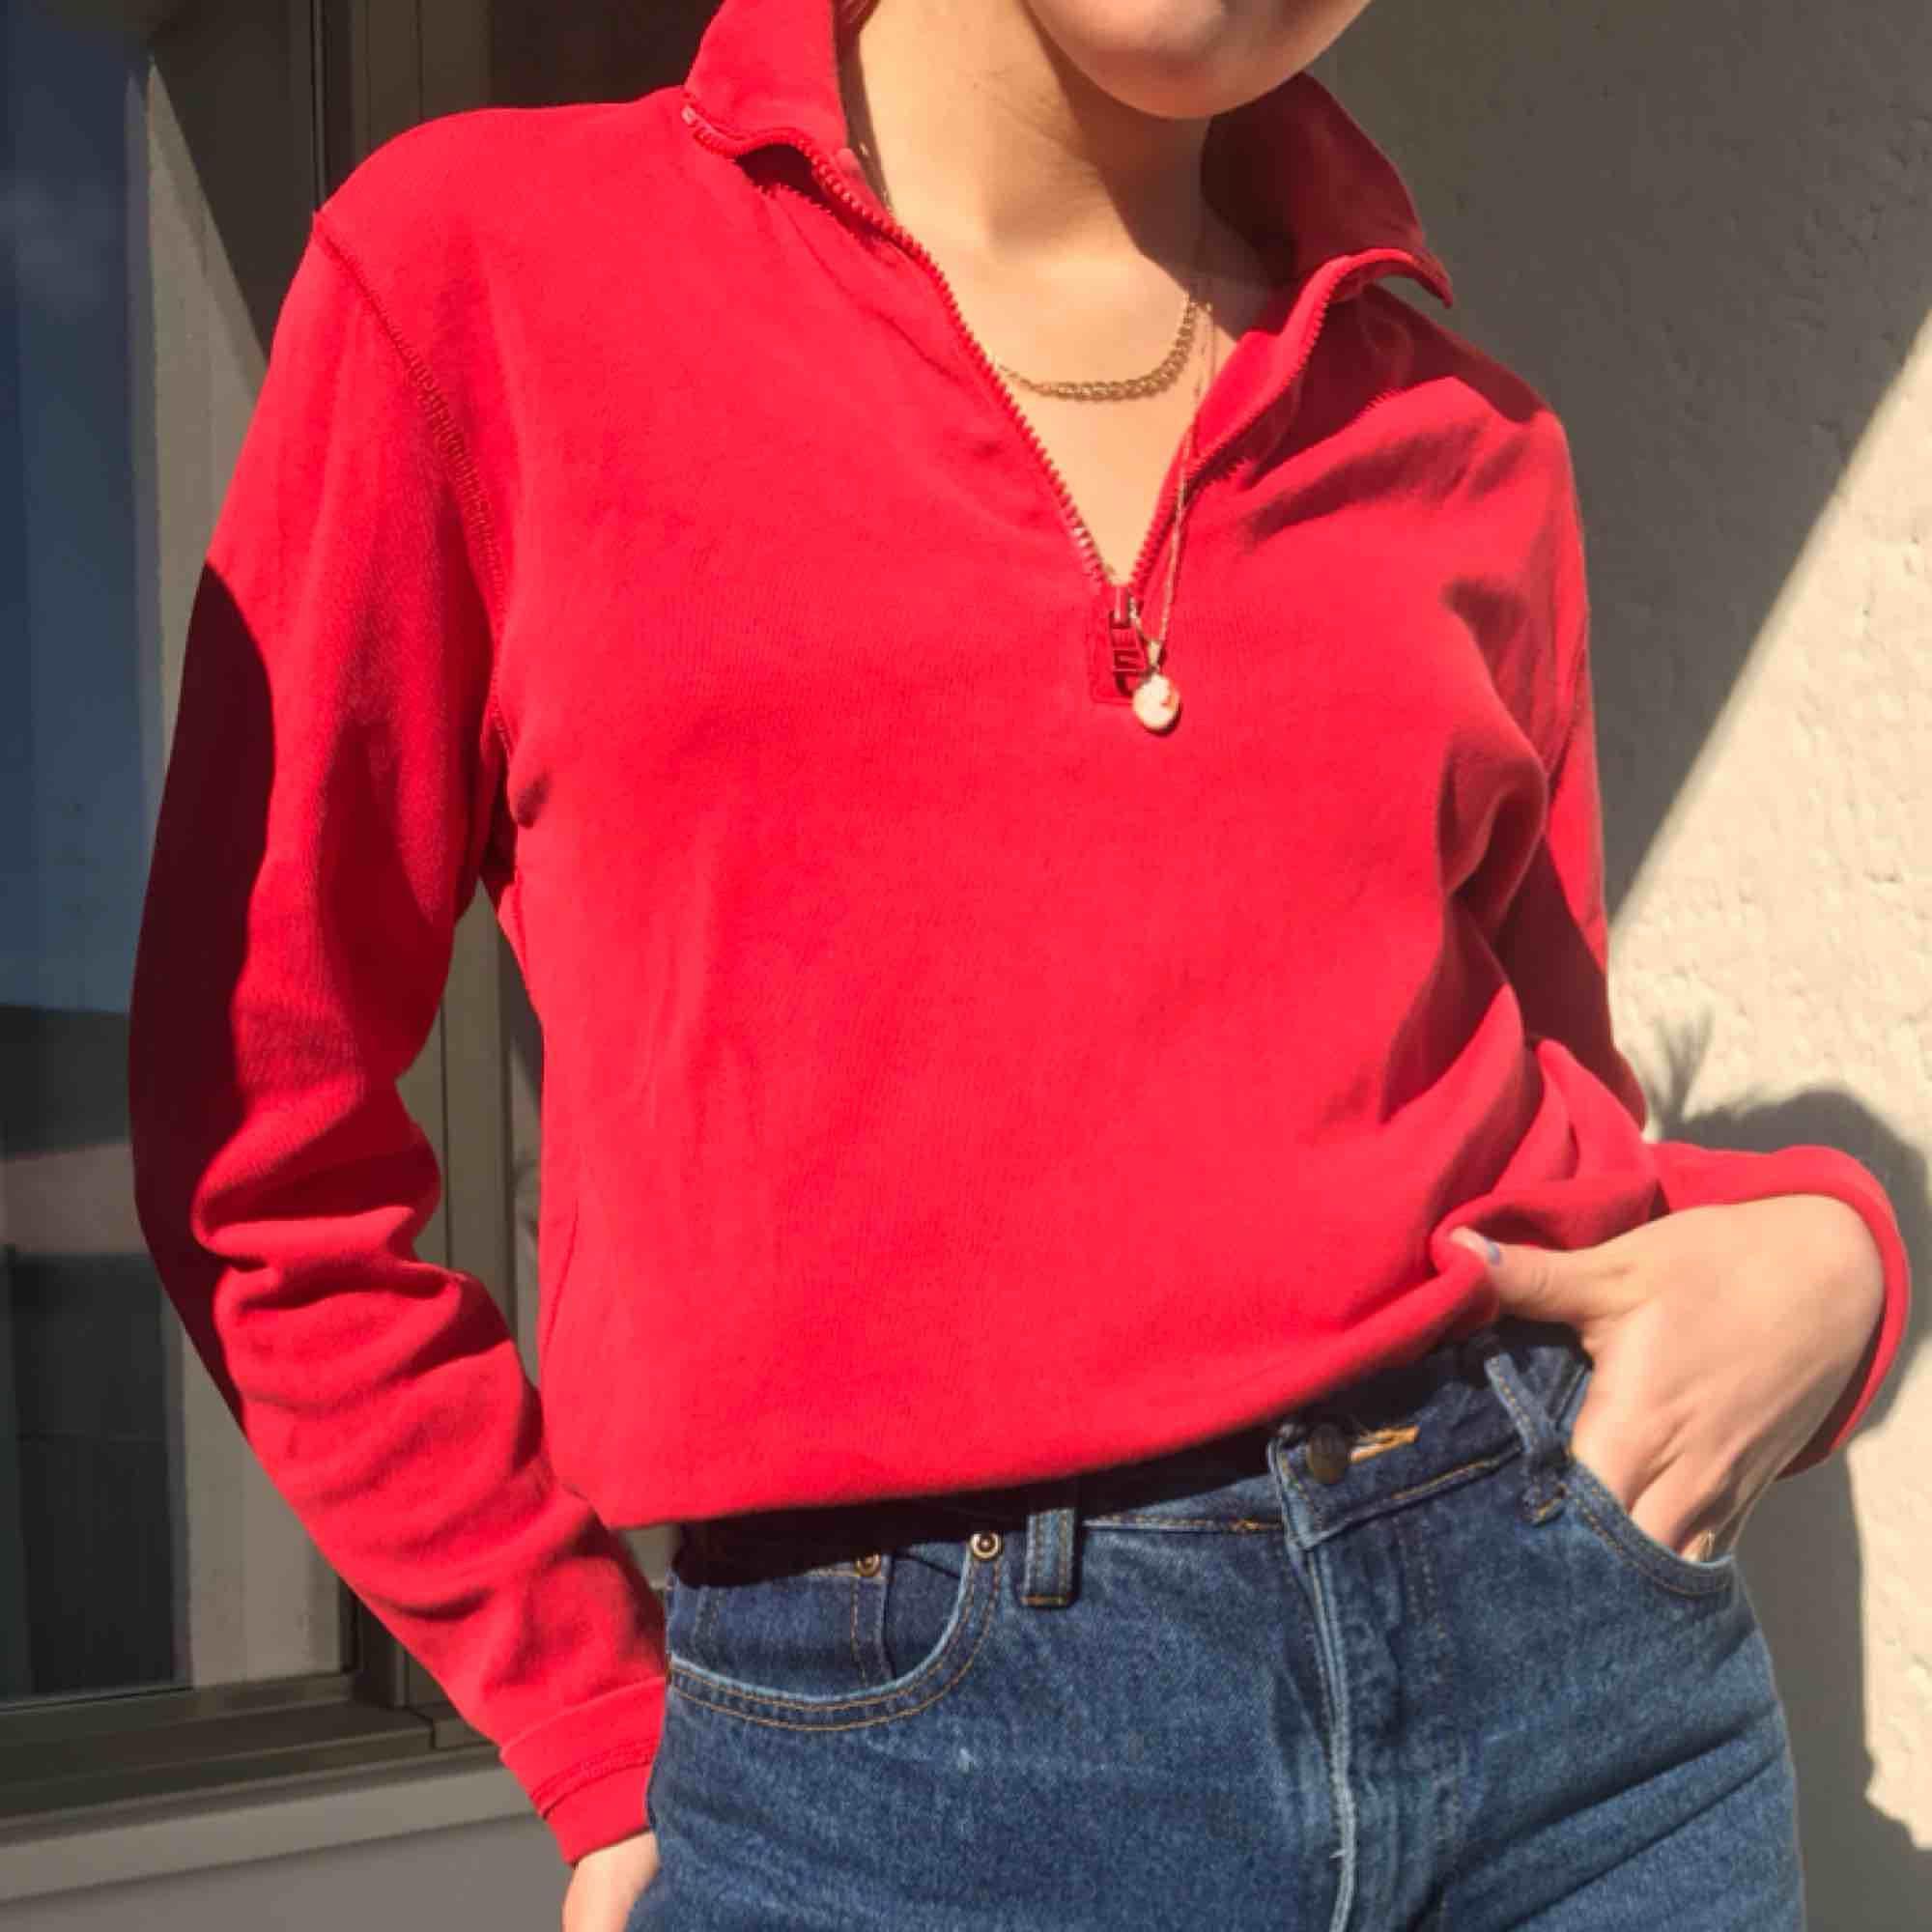 Jättesnygg röd tjocktröja med zip-up funktion💓💓 har S och såhär sitter den på mig! Frakt tillkommer på 55 kr. Annars möts vi på söder!💓. Tröjor & Koftor.